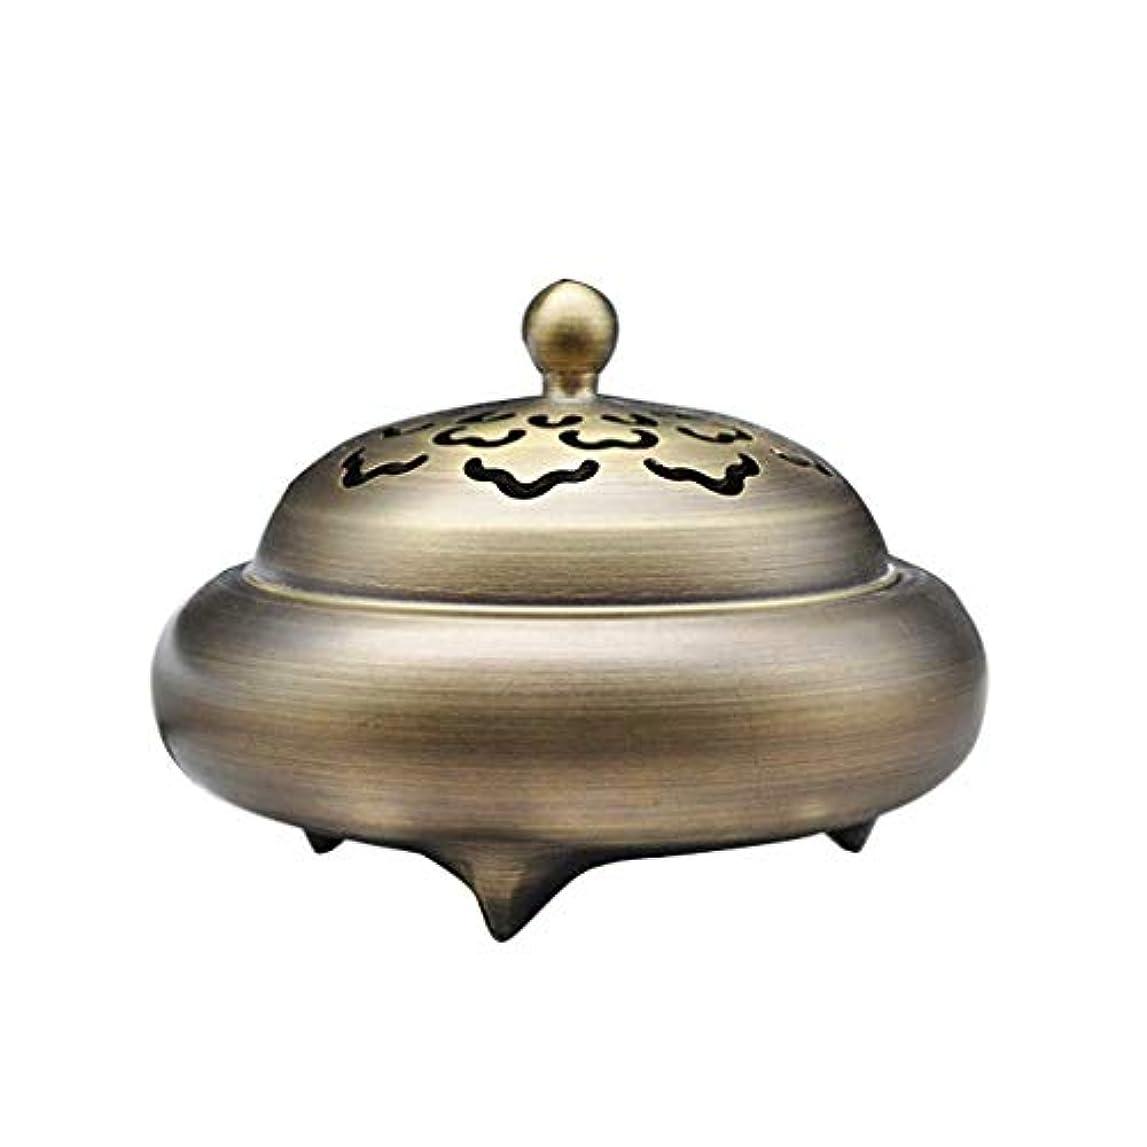 魅力リンケージ取り組む芳香器?アロマバーナー レトロバーナー純銅香バーナーホーム屋内白檀炉香バーナー香道路装飾 アロマバーナー芳香器 (Color : Brass)